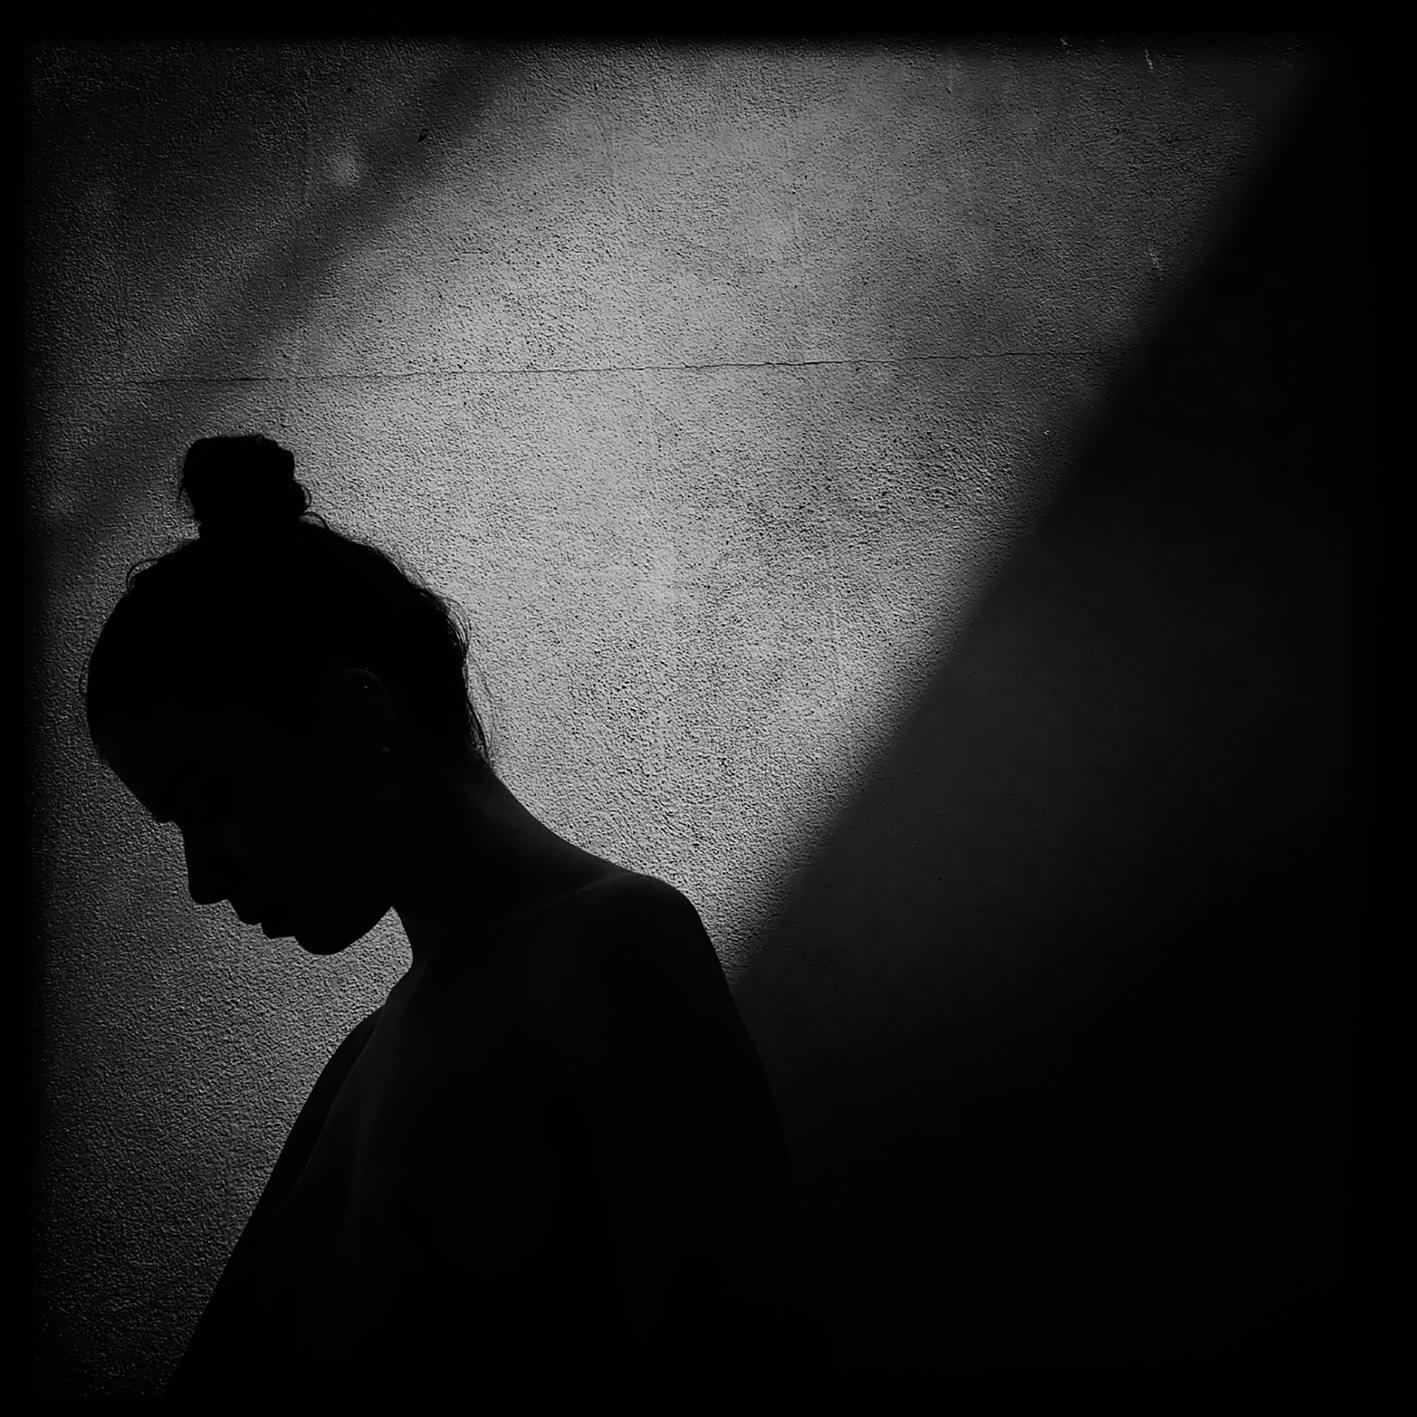 Francesco Zizola. «Io ti guardo nell'ombra e sembra non esserci altro che amore in questo tempo sospeso sul presente».